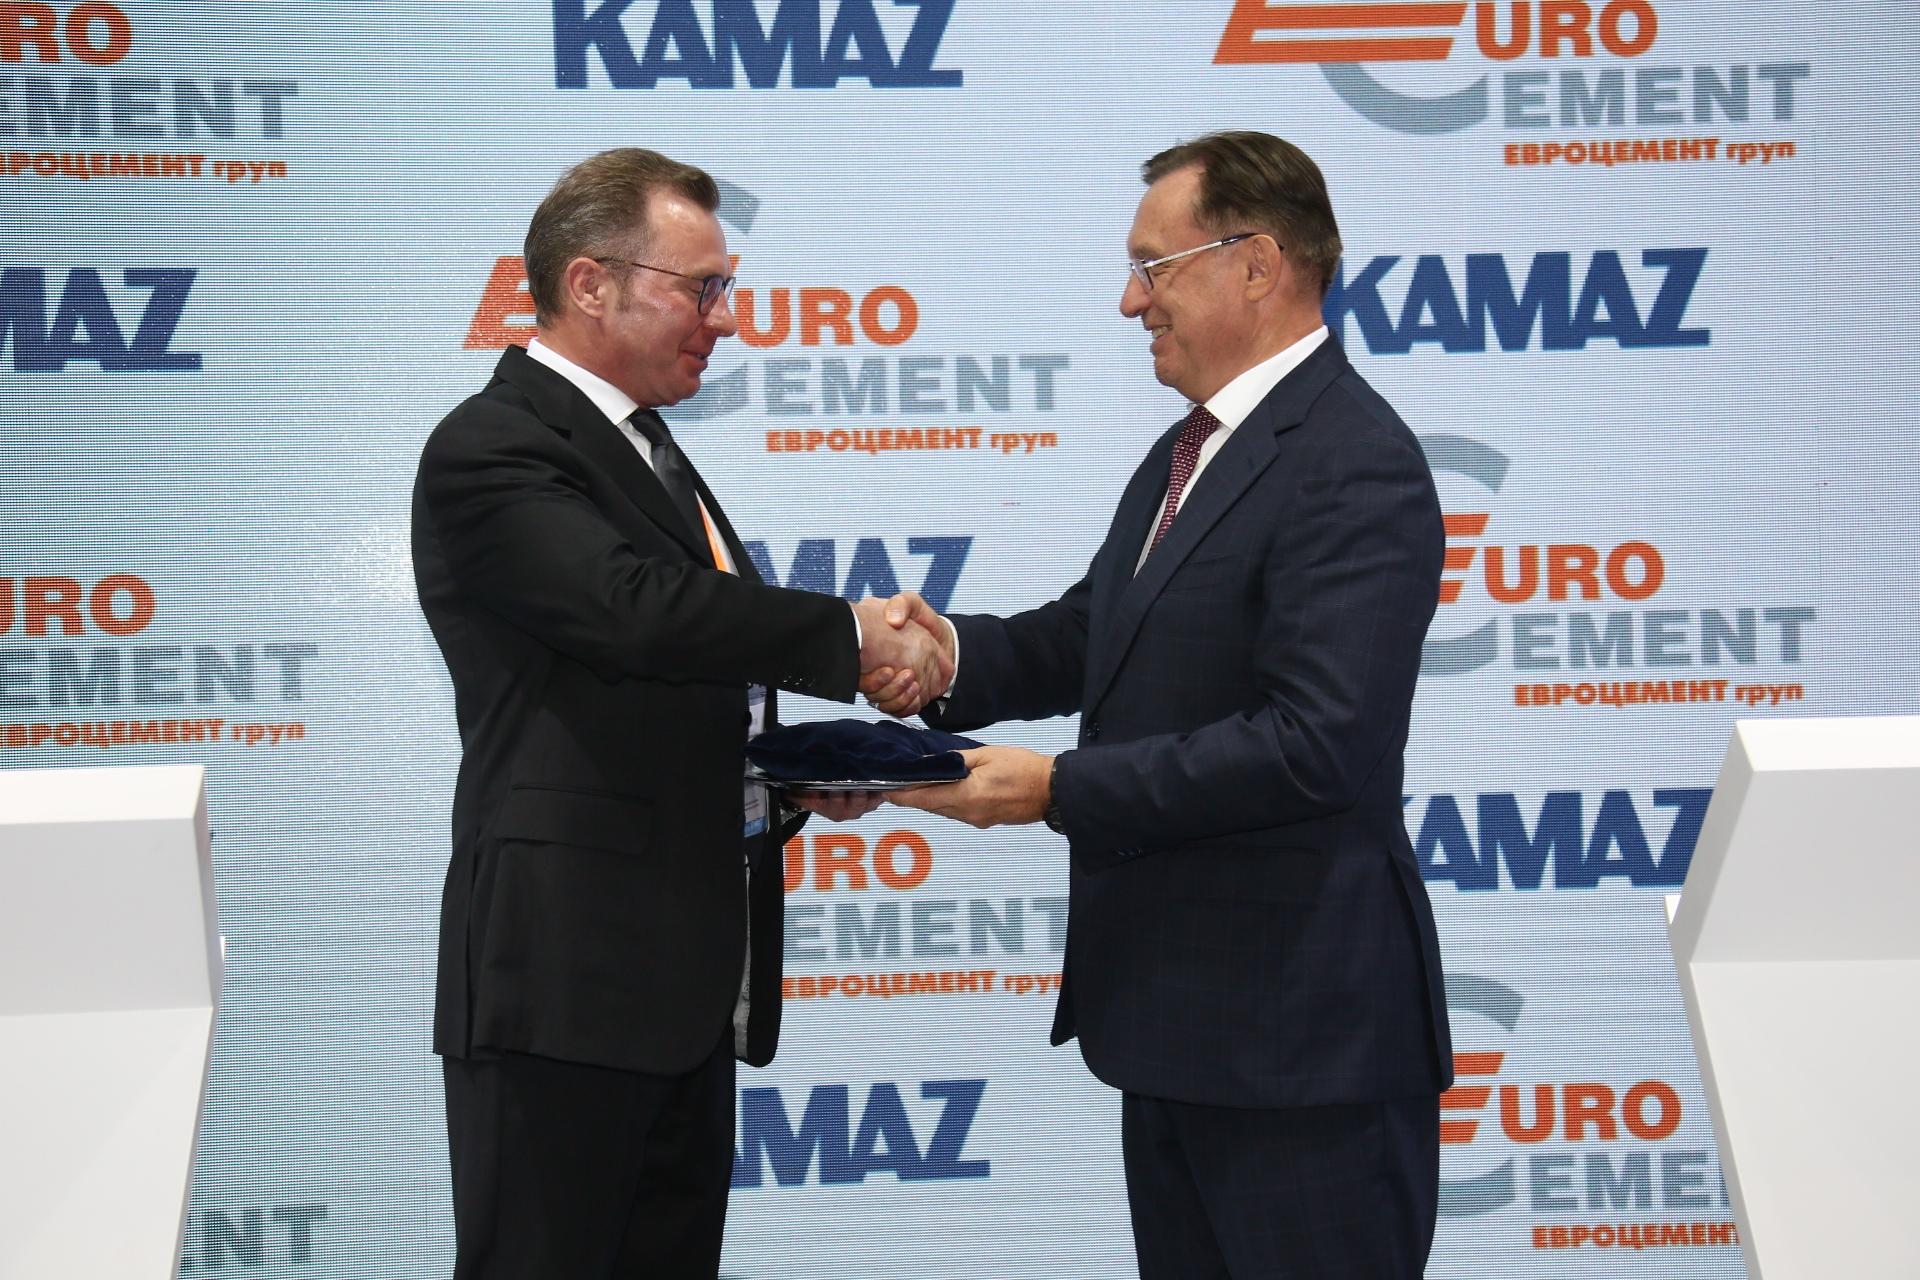 Первый КАМАЗ на СПГ для «ЕВРОЦЕМЕНТ груп»